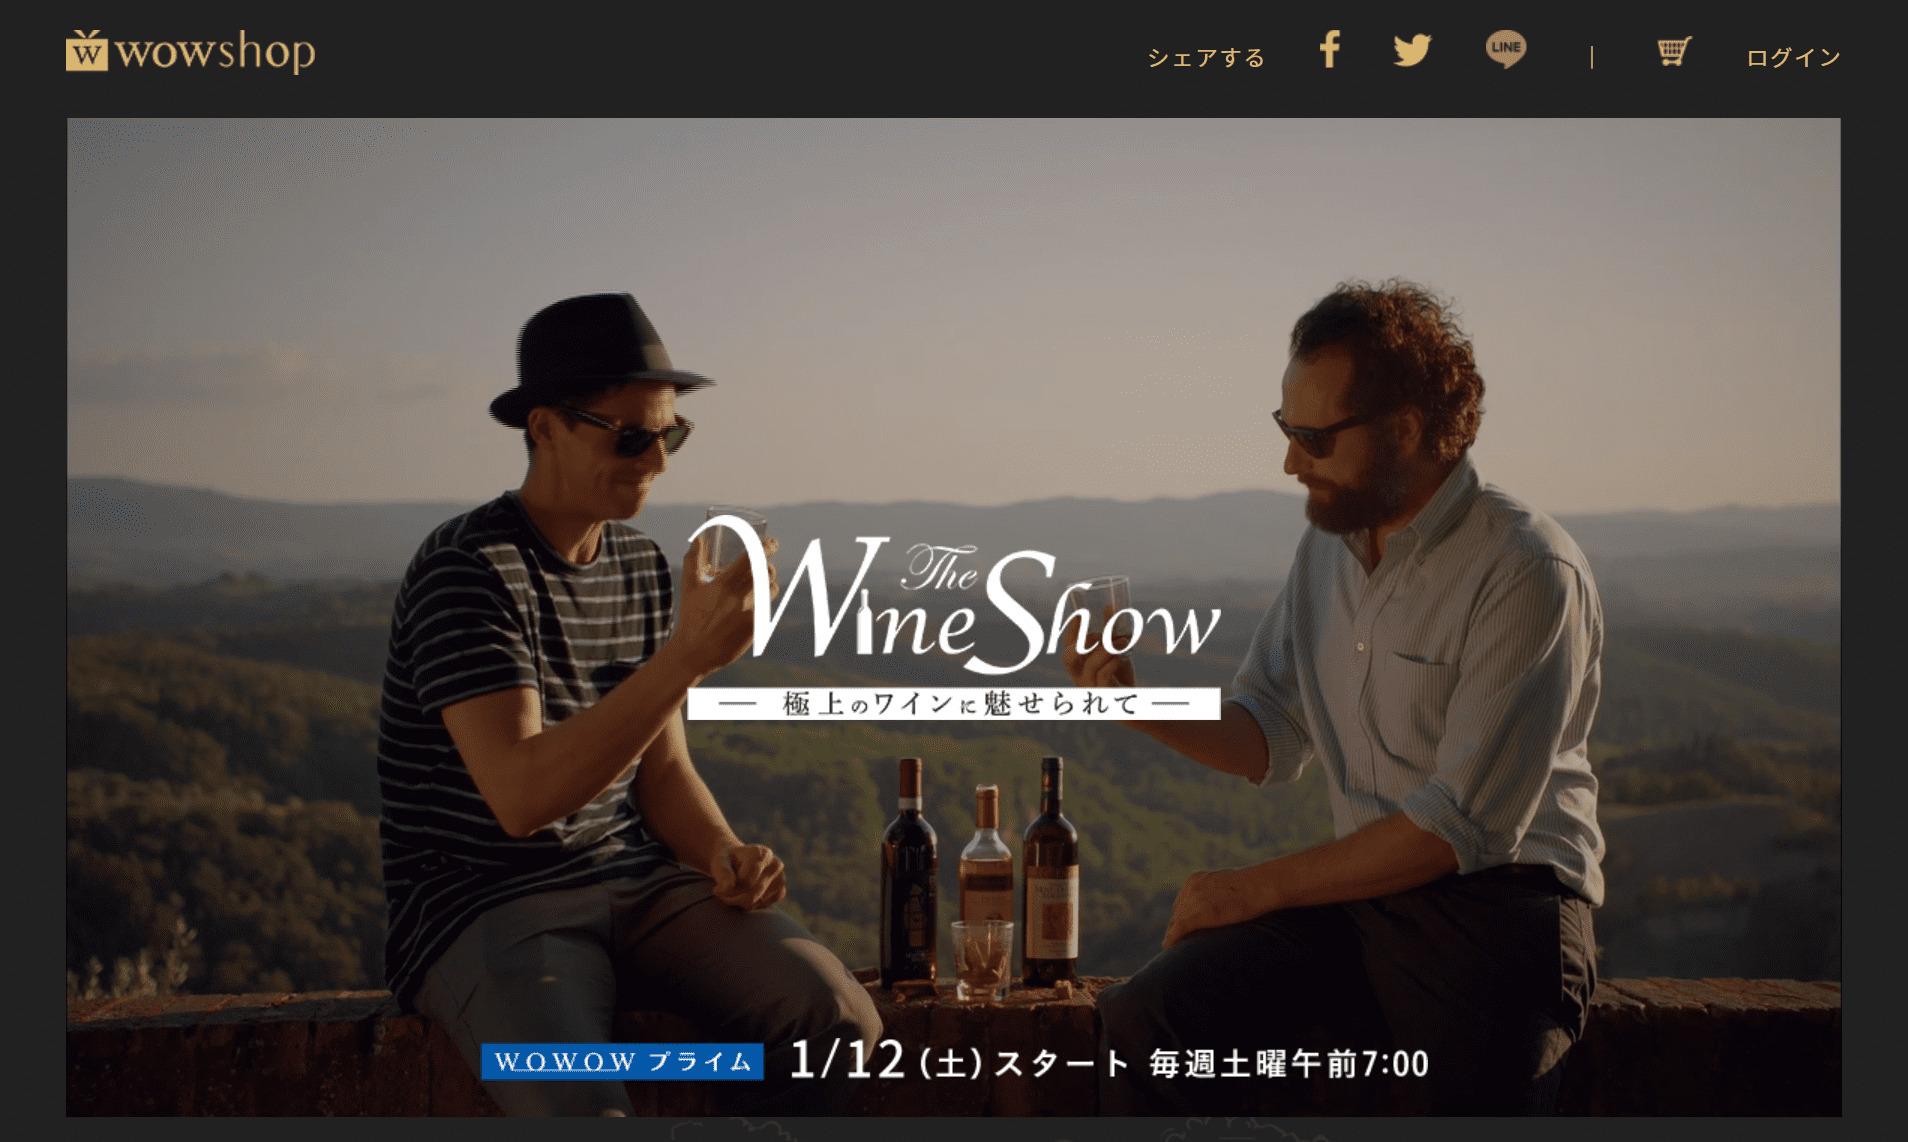 WOWWOWがワインのサブスクサービスを開始 番組と連動